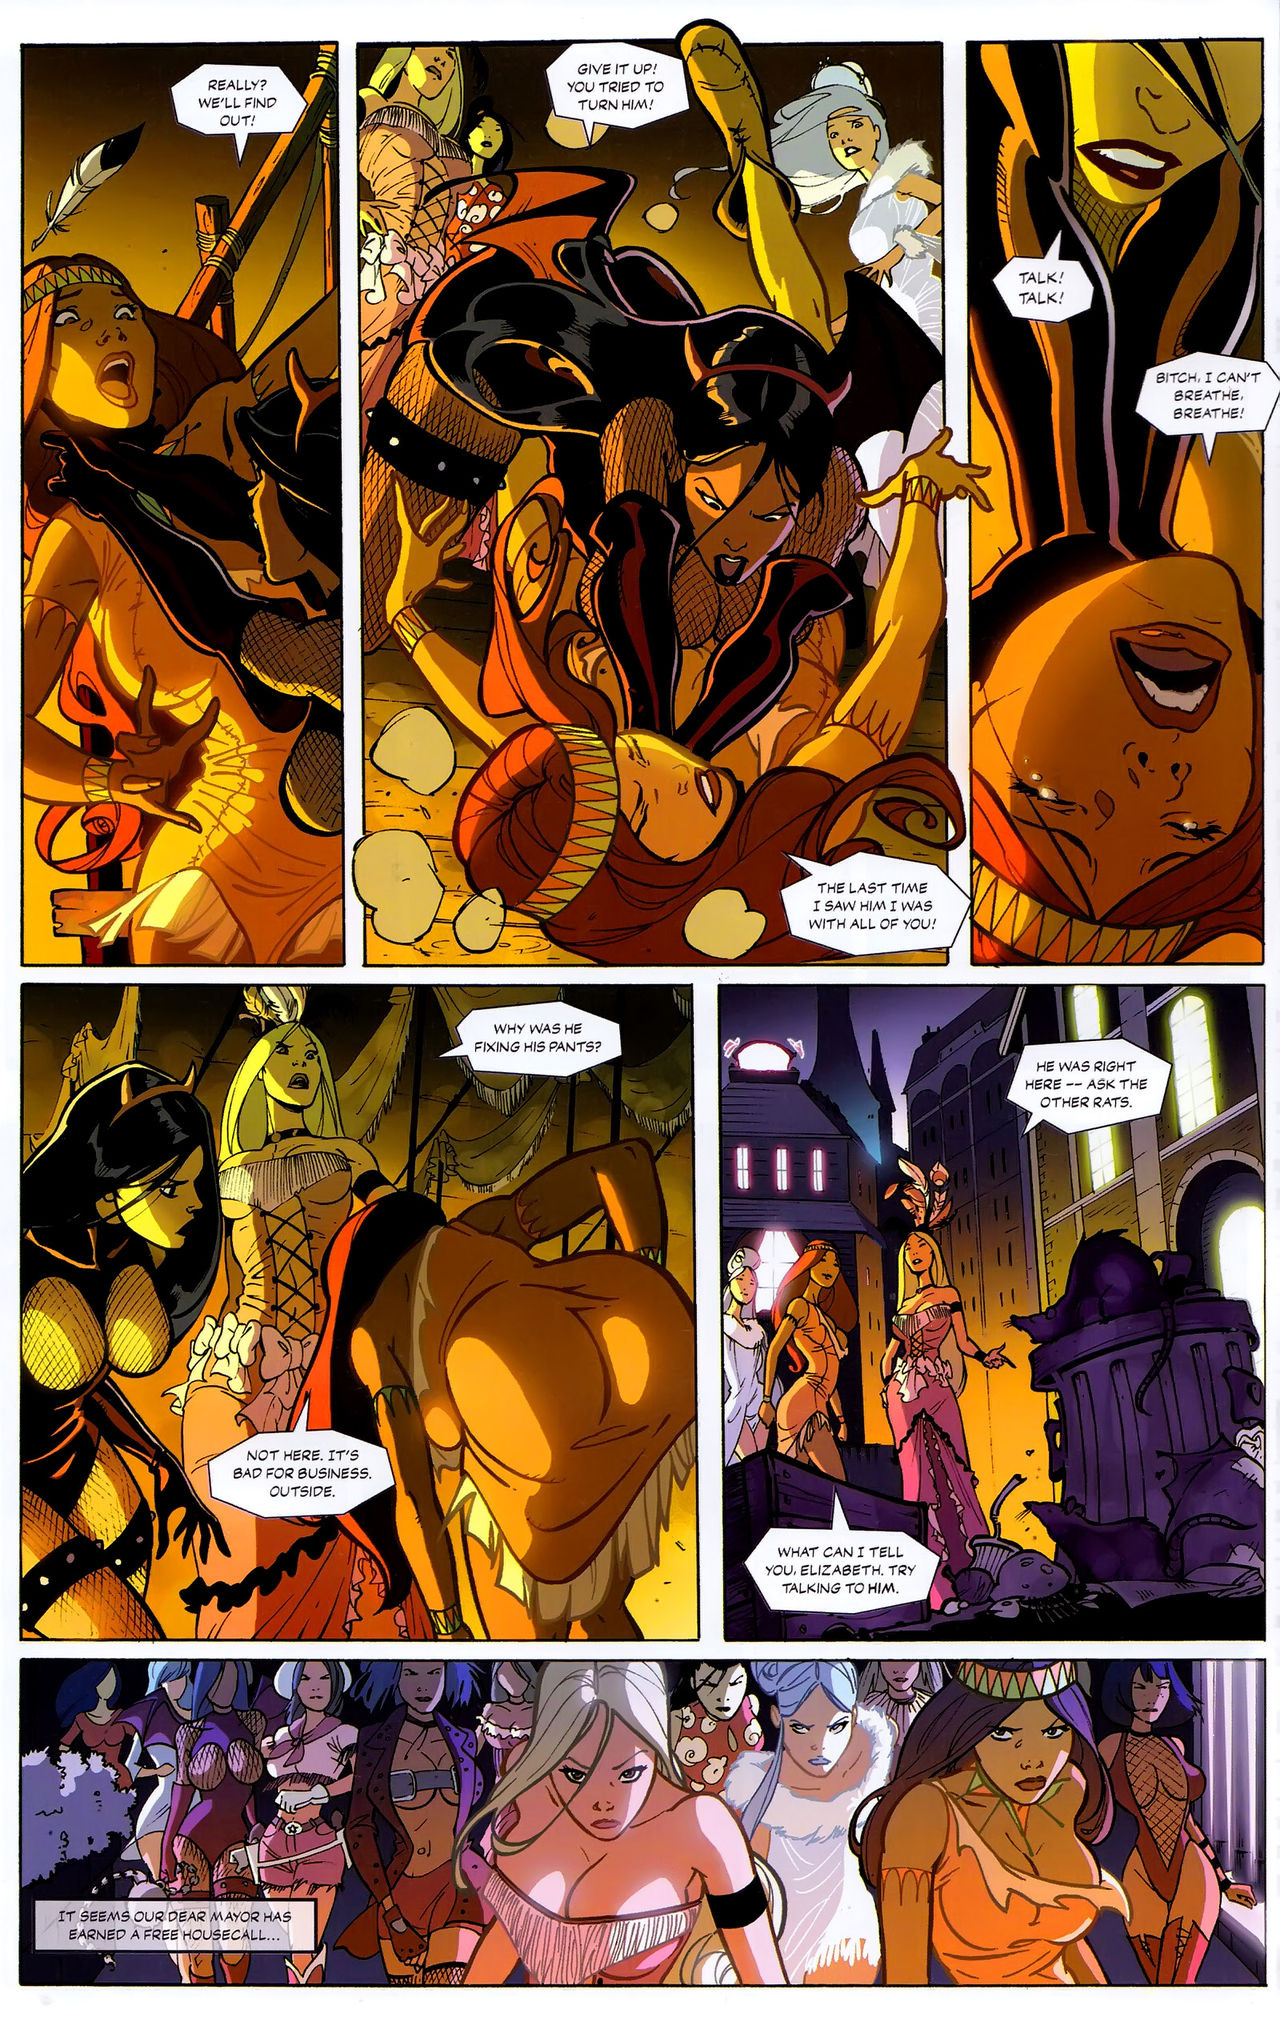 The Route Of All Evil 01 porn comics Lesbians, Bikini, Stockings